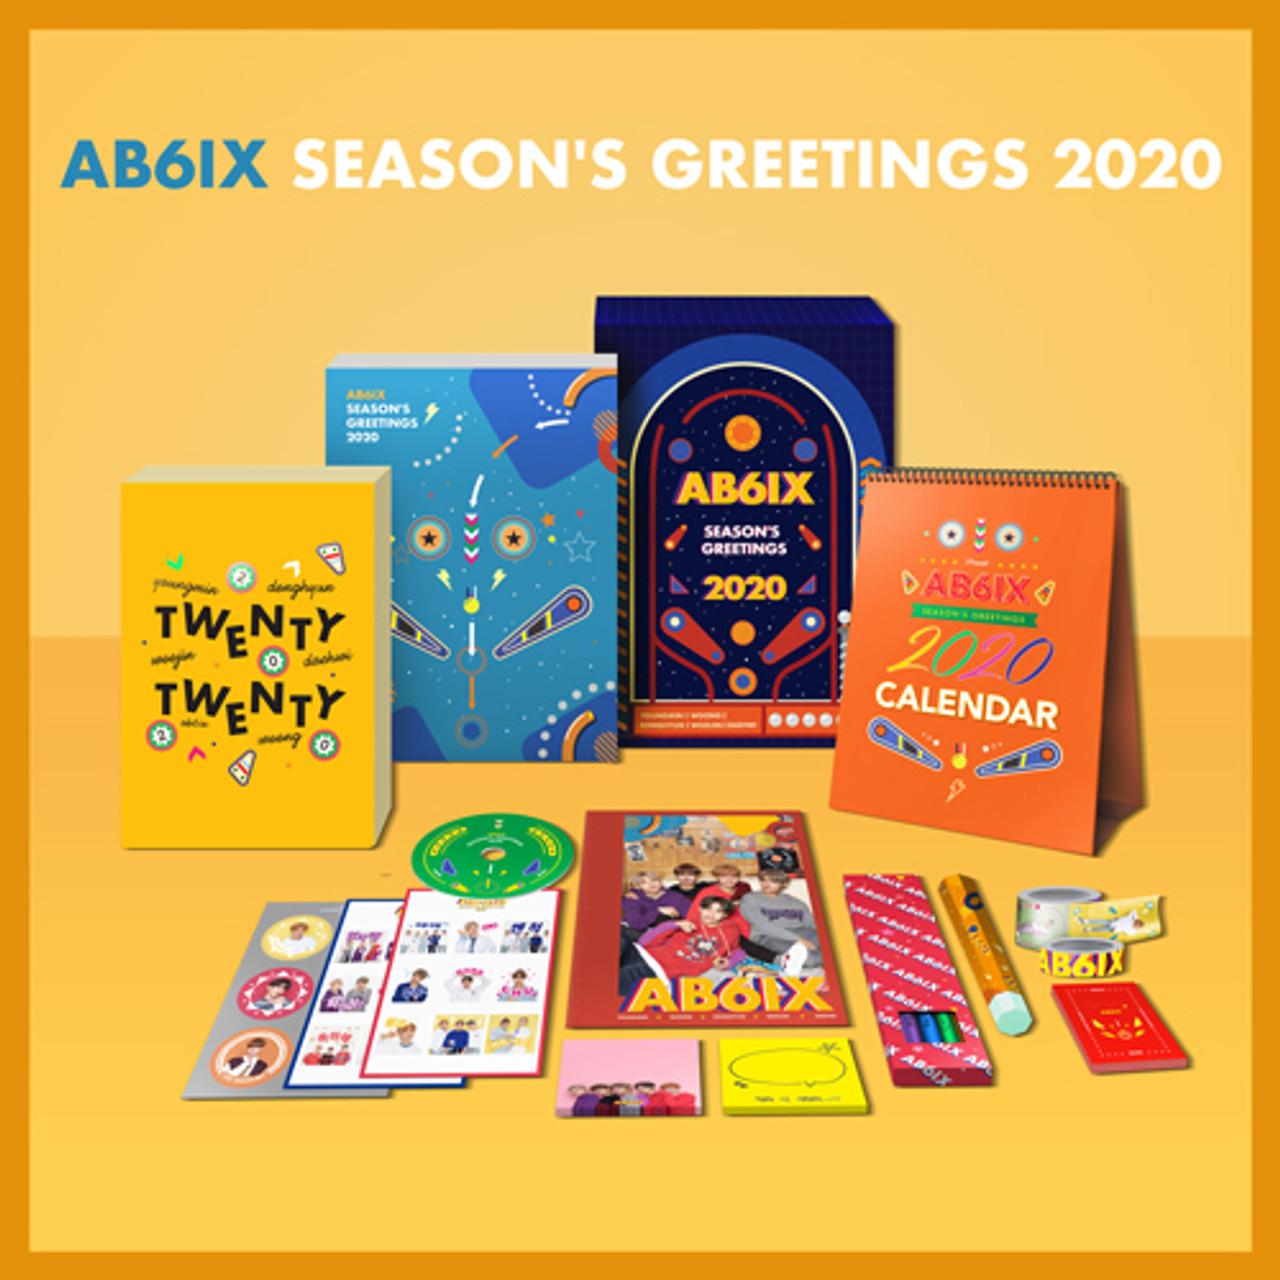 AB6IX 2020 Seasons Greeting